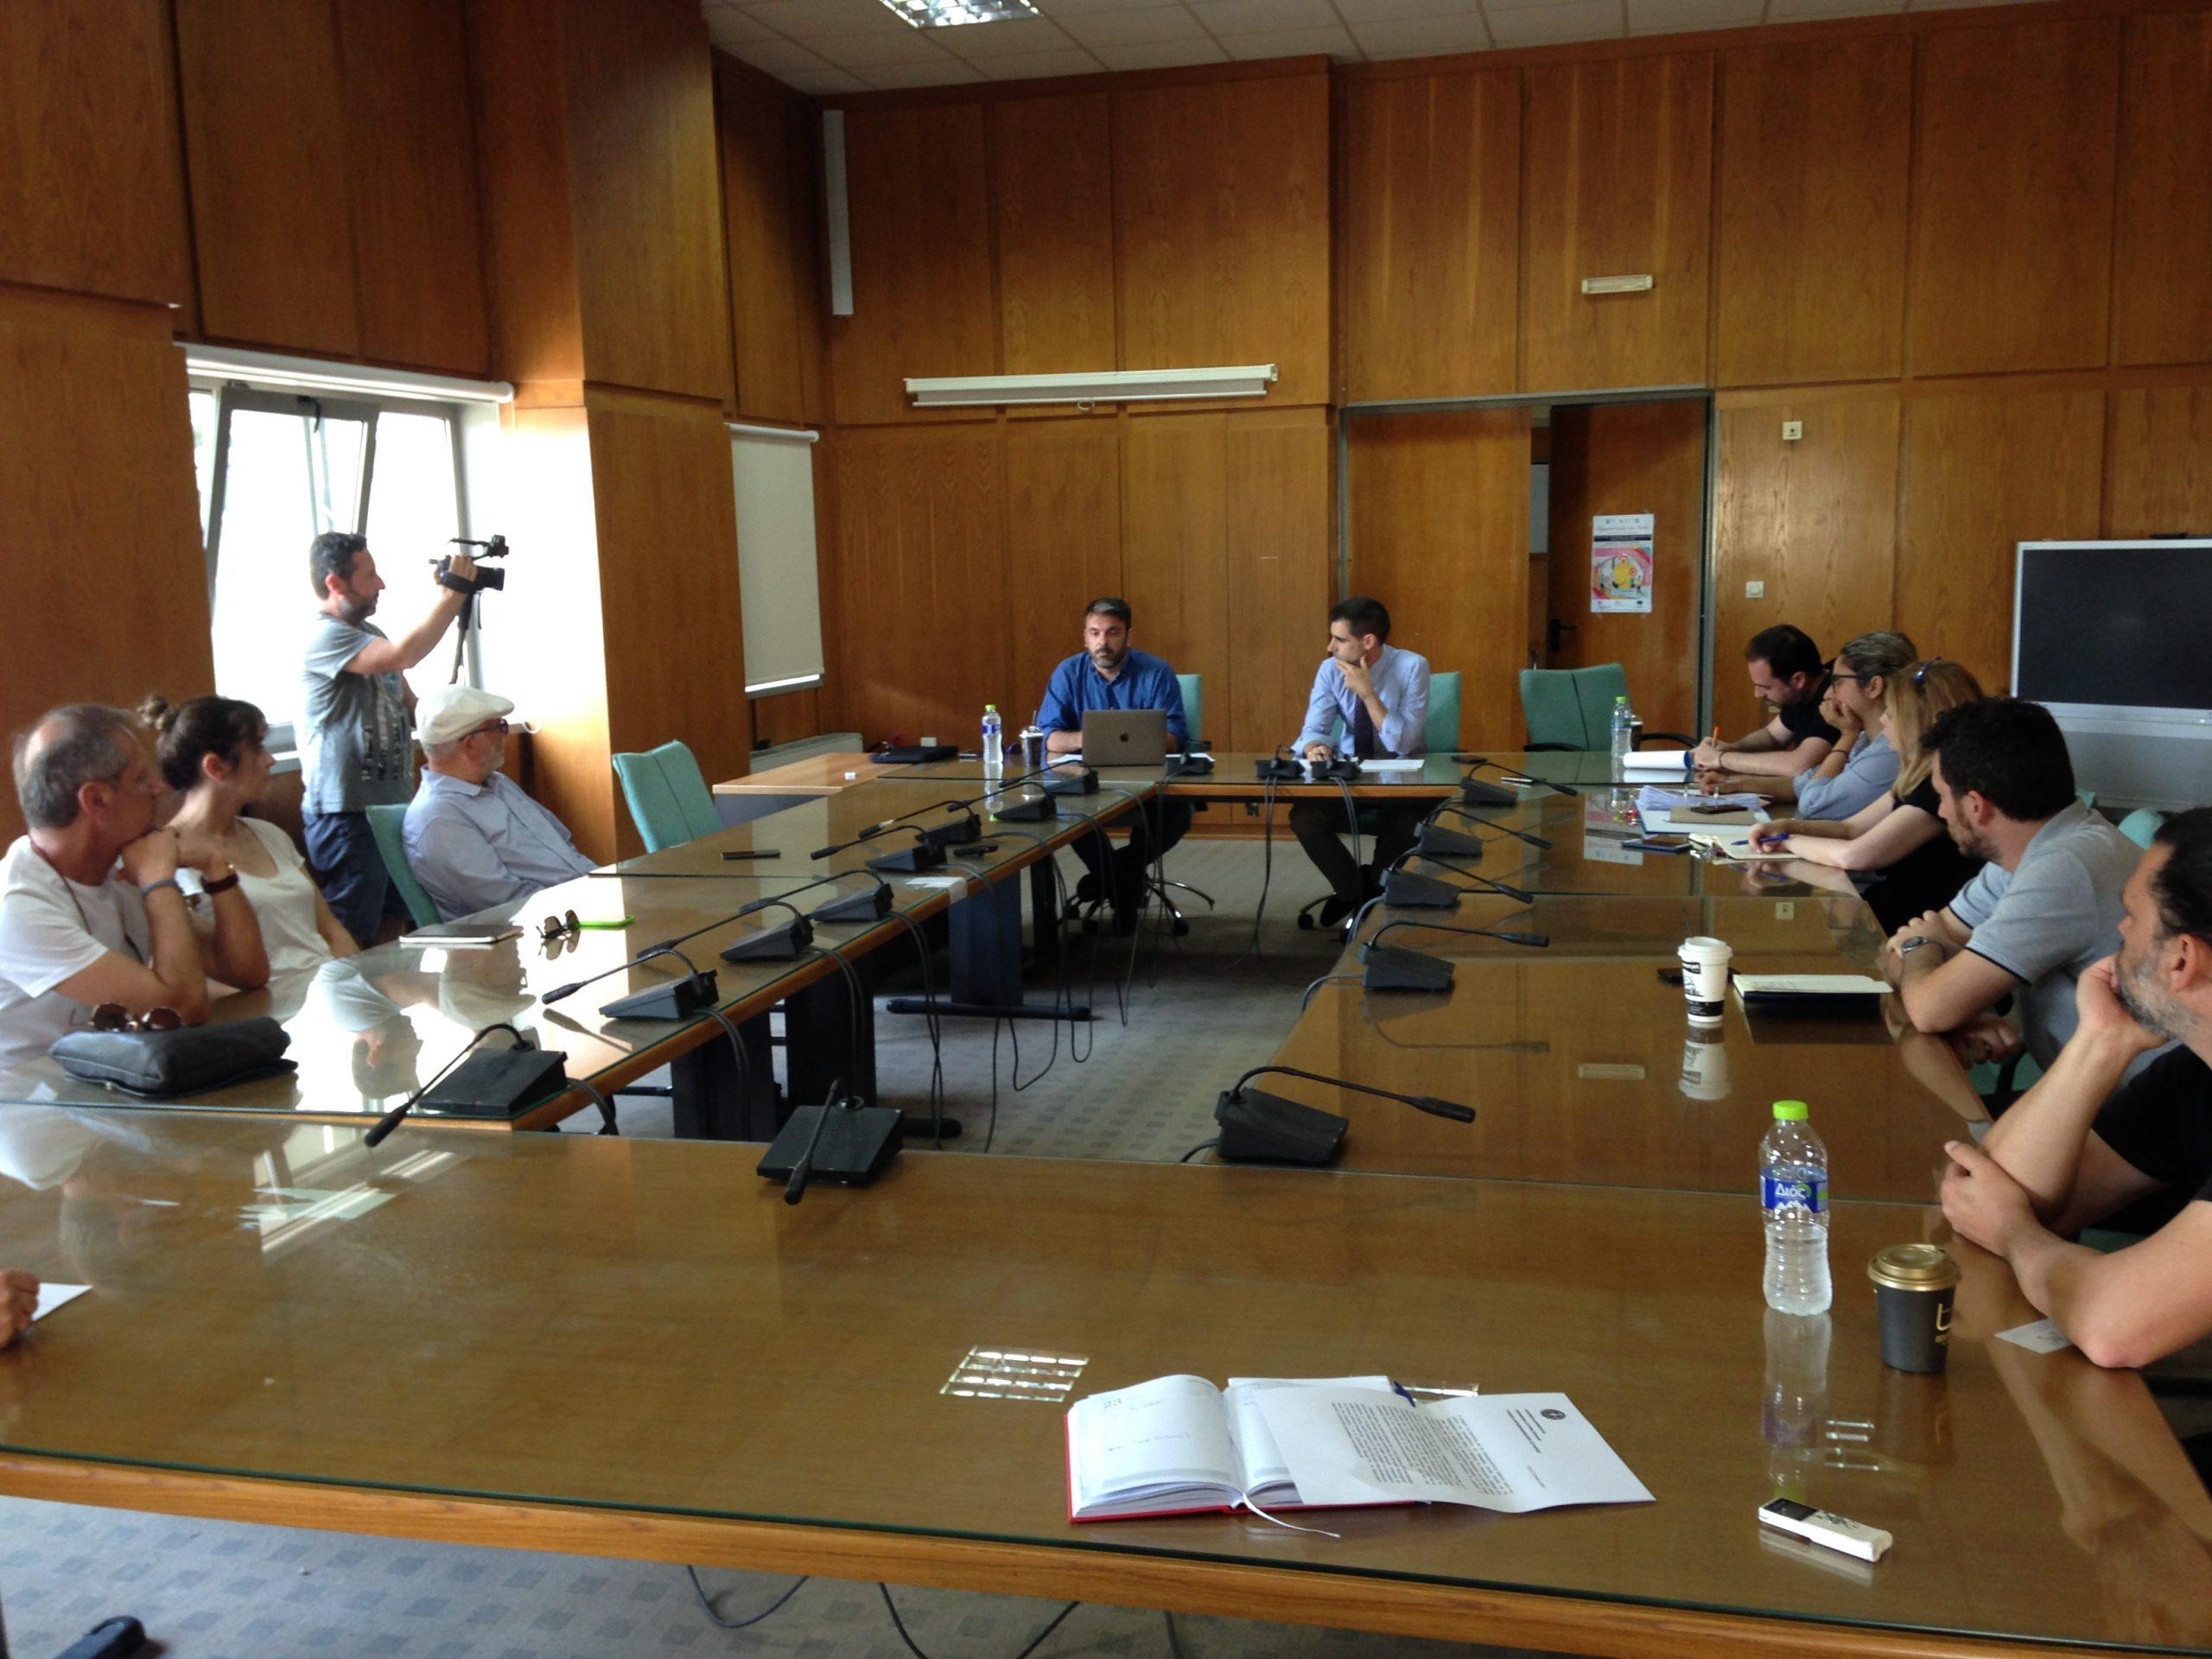 Π.Ε. Ηλείας- Β. Γιαννόπουλος: «Στόχος μας η ενίσχυση της καινοτομίας και της εξωστρέφειας των επιχειρήσεων- Ενημερωτική συνάντηση για την λειτουργία των «Creative Hubs»